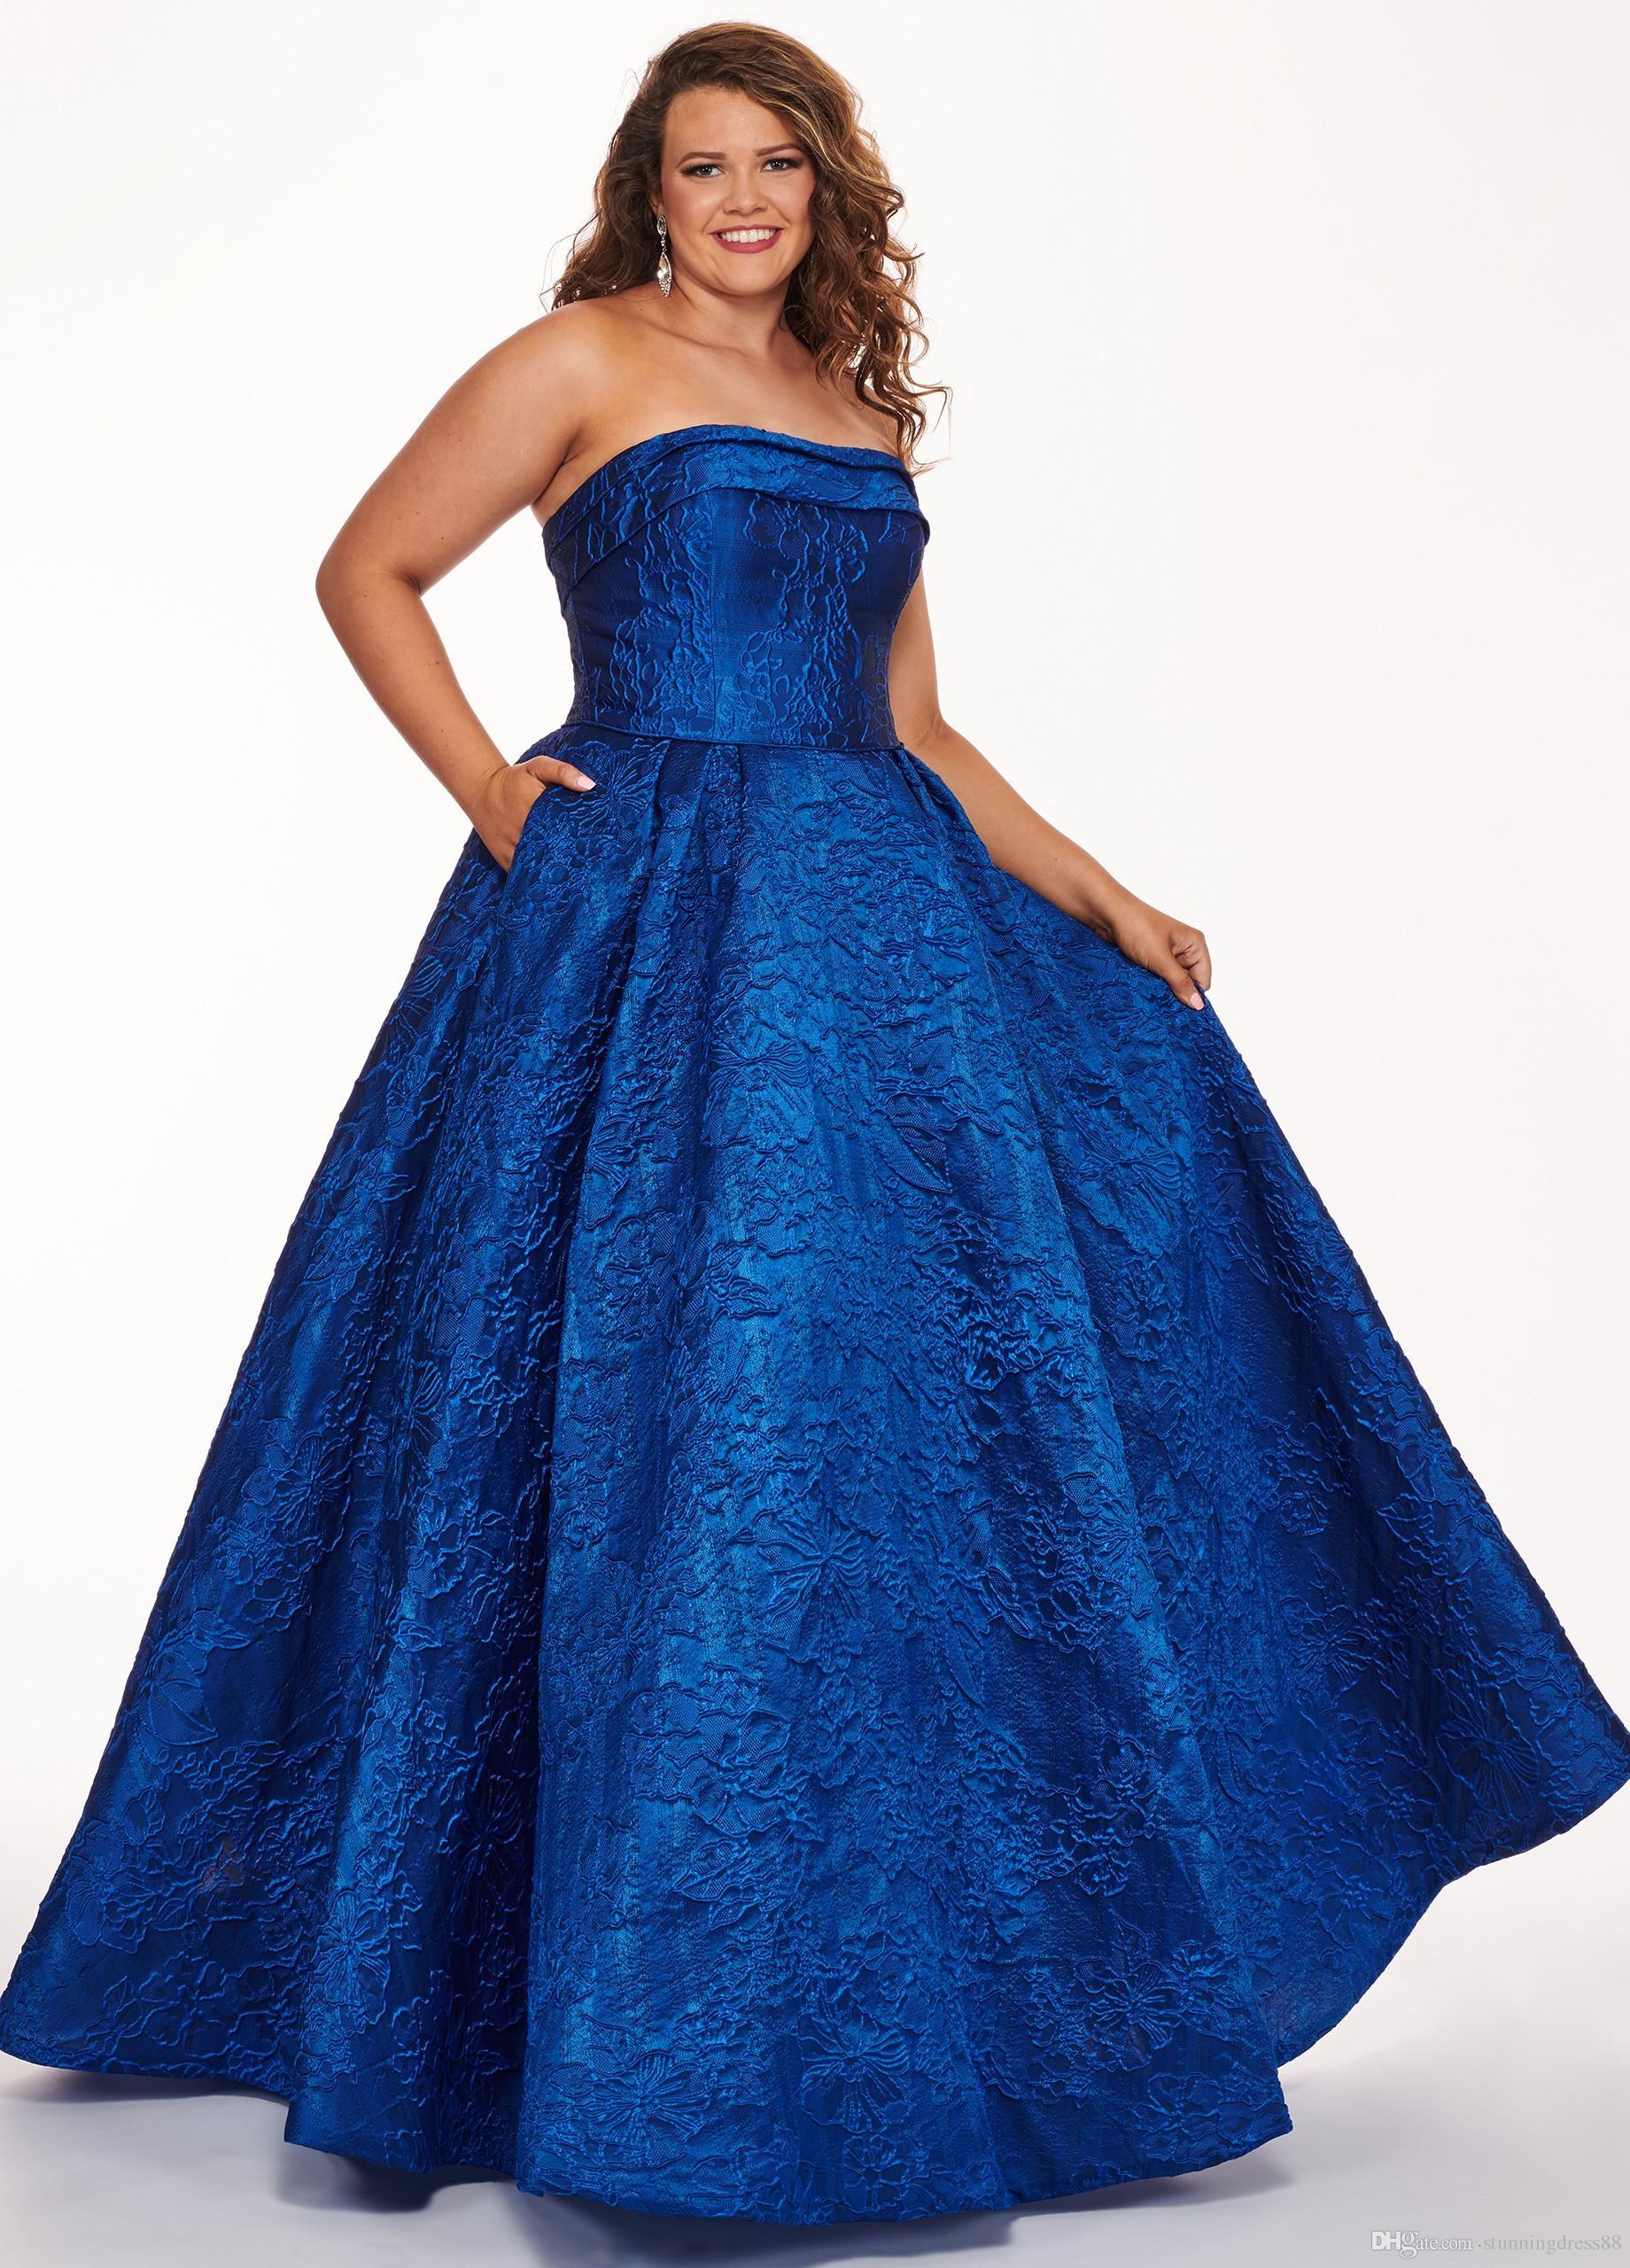 10 Perfekt Abend Kleid Elegant für 2019 Ausgezeichnet Abend Kleid Elegant Spezialgebiet